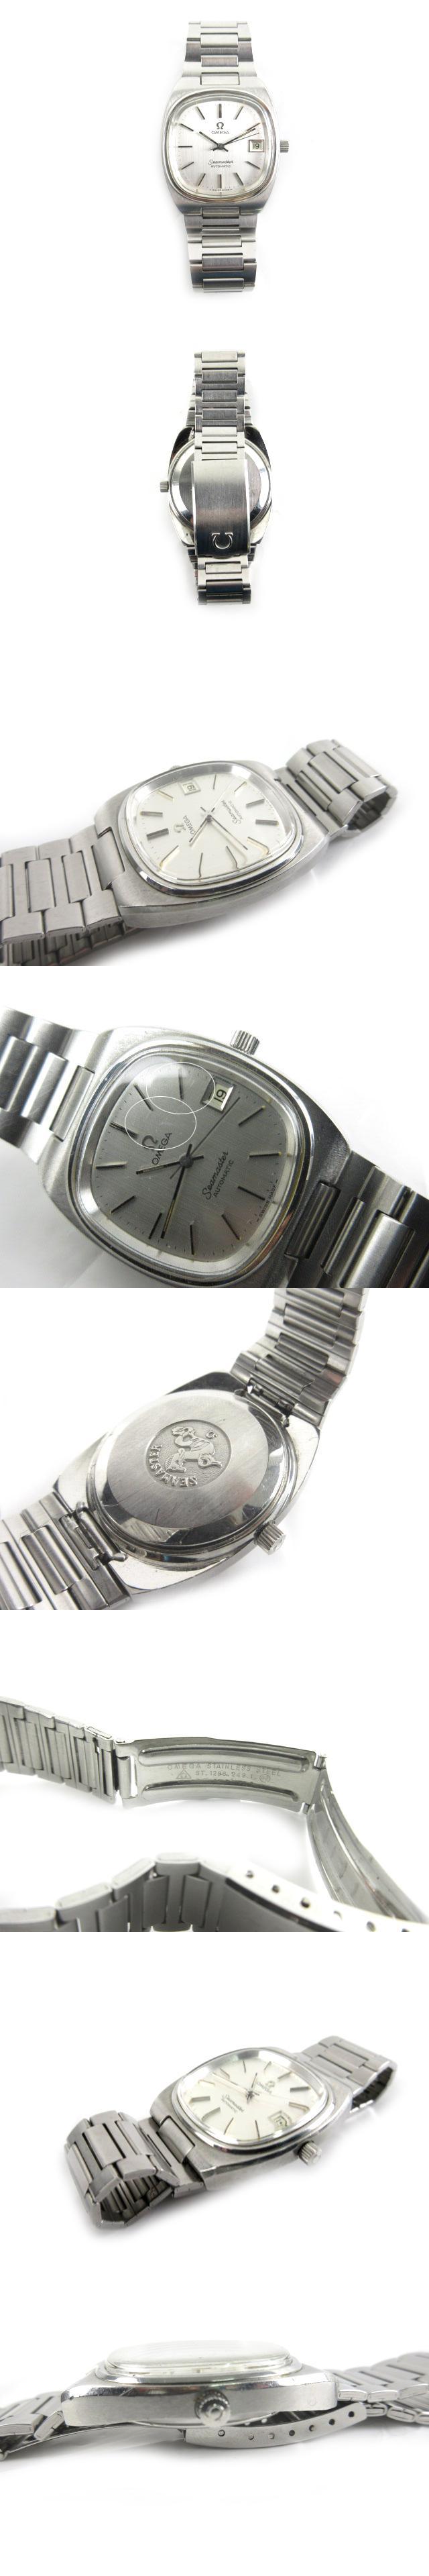 腕時計 ウォッチ 自動巻き SEAMASTER シーマスター デイト シルバー スクエア 33mm アンティーク ビンテージ オールド